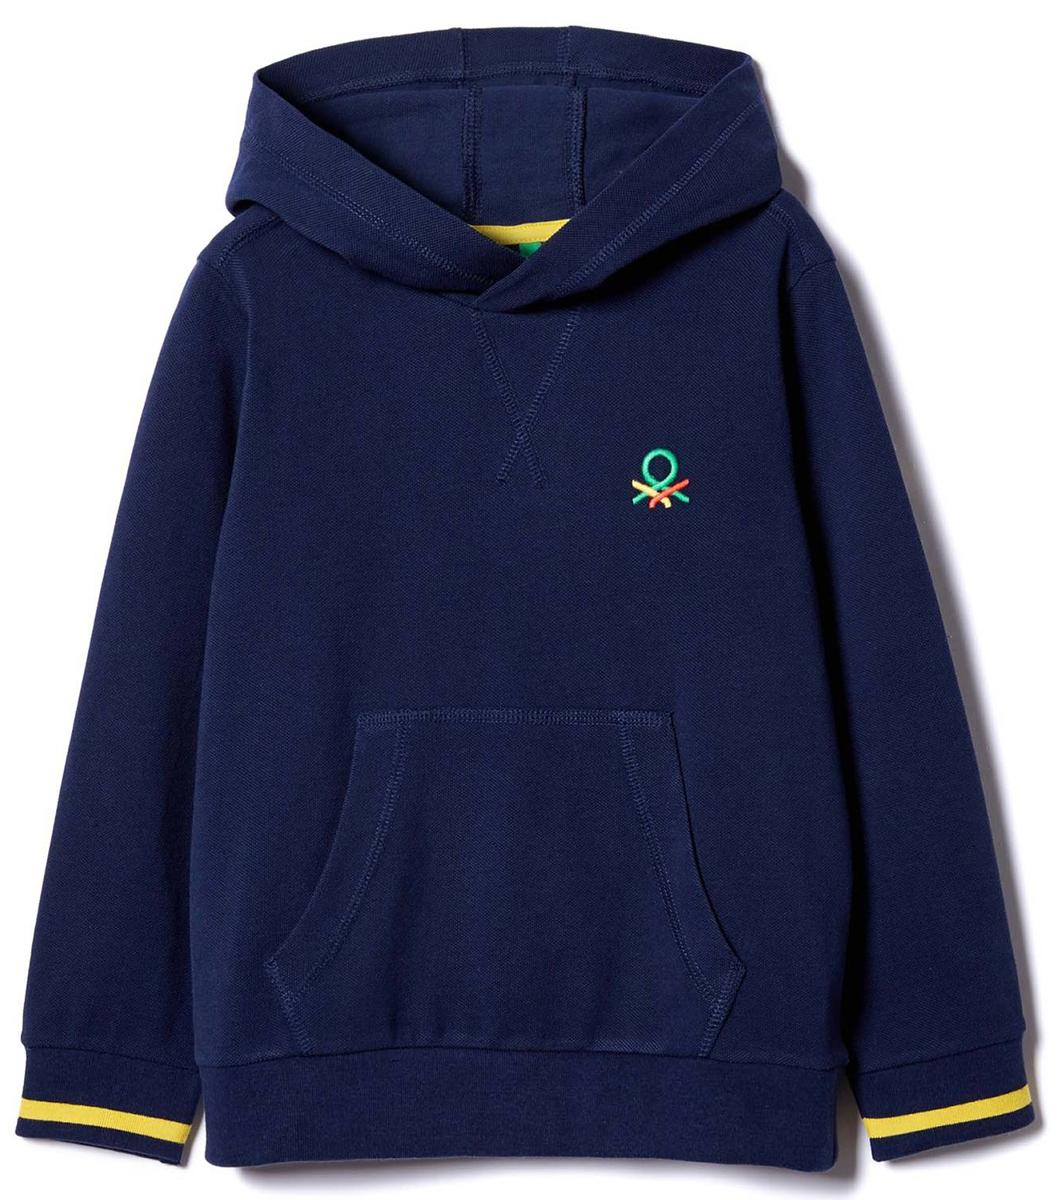 Толстовка для мальчика United Colors of Benetton, цвет: синий. 3DZ0C2069_13C. Размер 1303DZ0C2069_13CТолстовка для мальчика United Colors of Benetton выполнена из натурального хлопка. Модель с капюшоном и длинными рукавами.